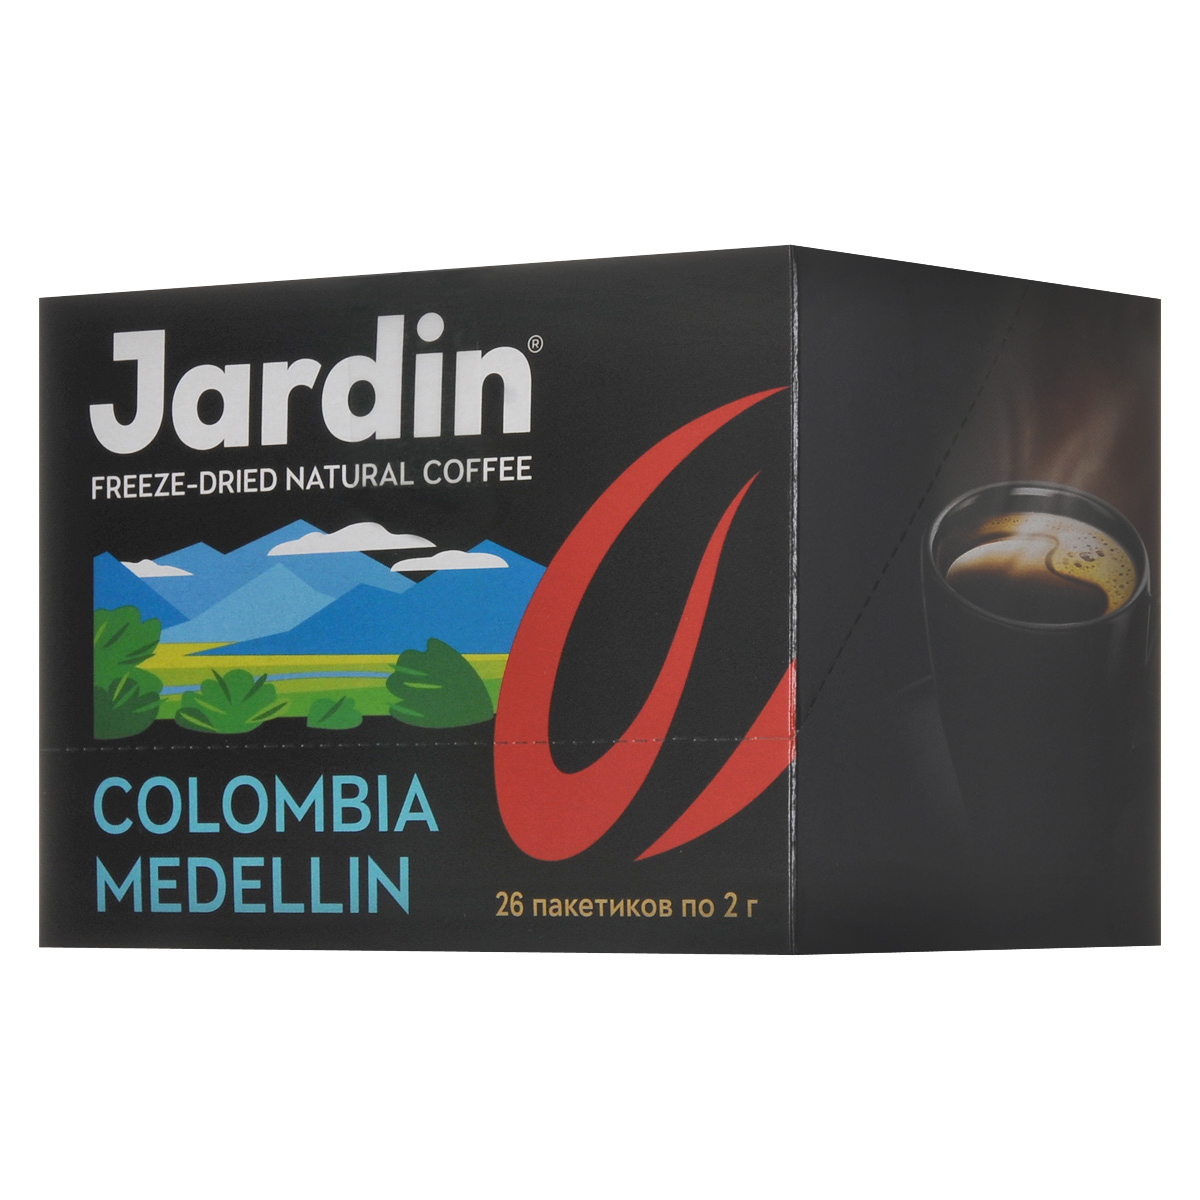 Jardin Colombia Medellin растворимый кофе в пакетиках, 26 шт101246Растворимый кофе в пакетиках Jardin Colombia Medellin обладает крепким, насыщенным, интенсивным ароматом. Вкус арабики из колумбийского региона Меделлин особо ценится за сочетание цветочных и шоколадных нот.А всего одна ложка сахара добавит вкусу новые карамельные ноты крем-брюле.